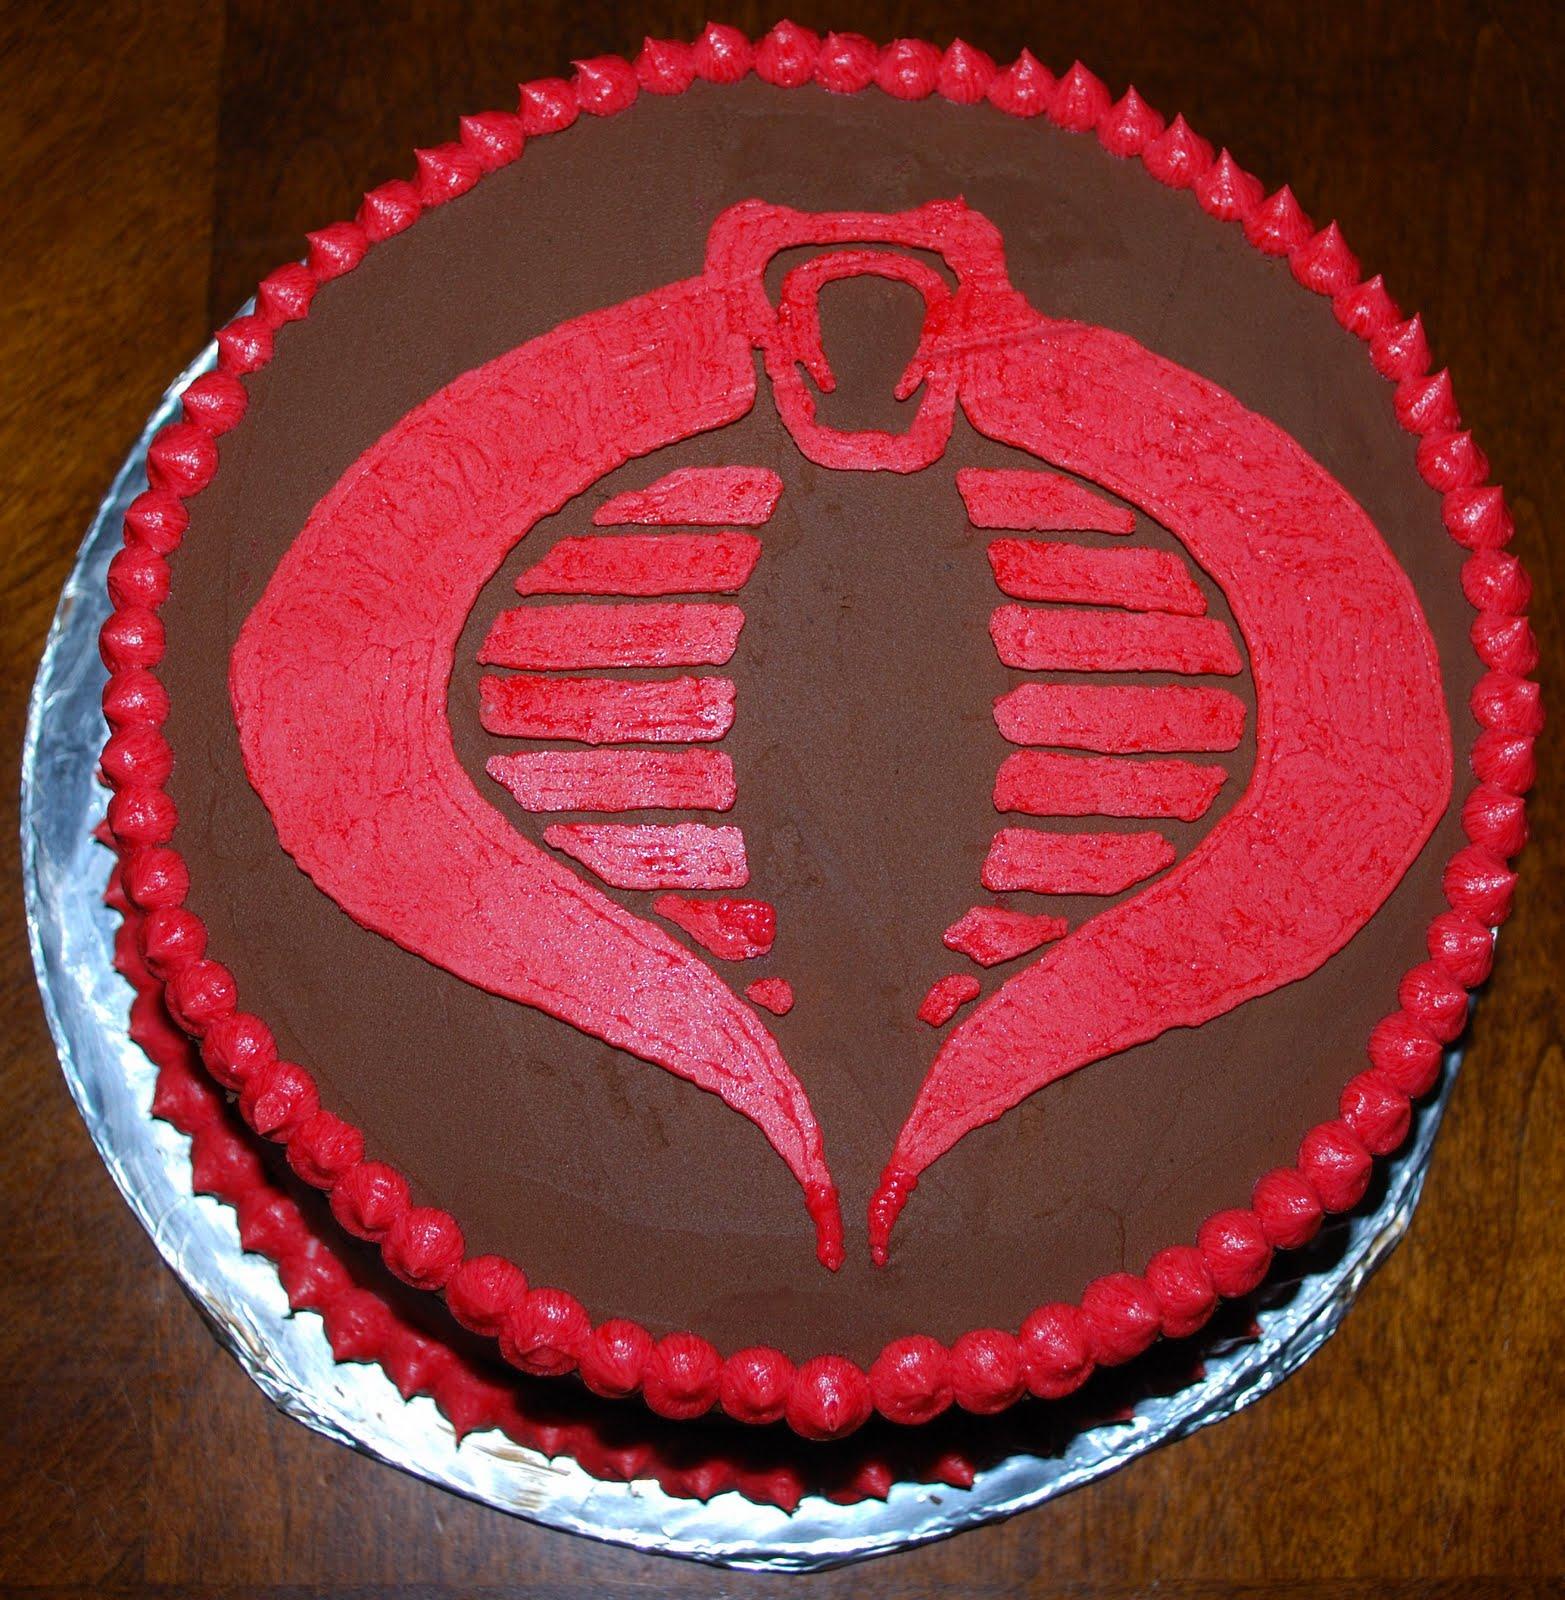 Kristy's Kreations: G.I. Joe Cake